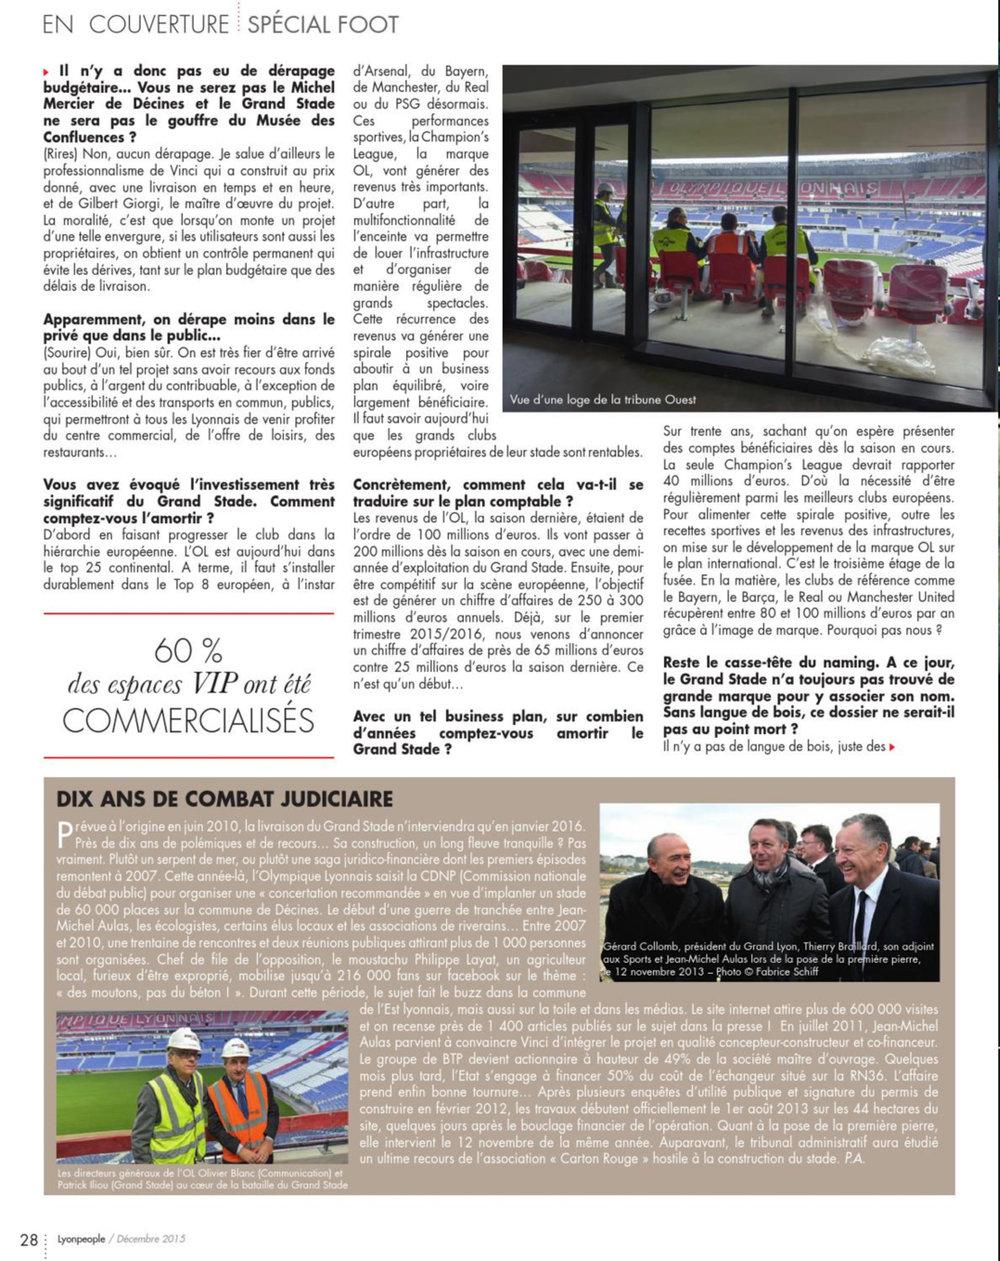 Aulas Page 2.jpg